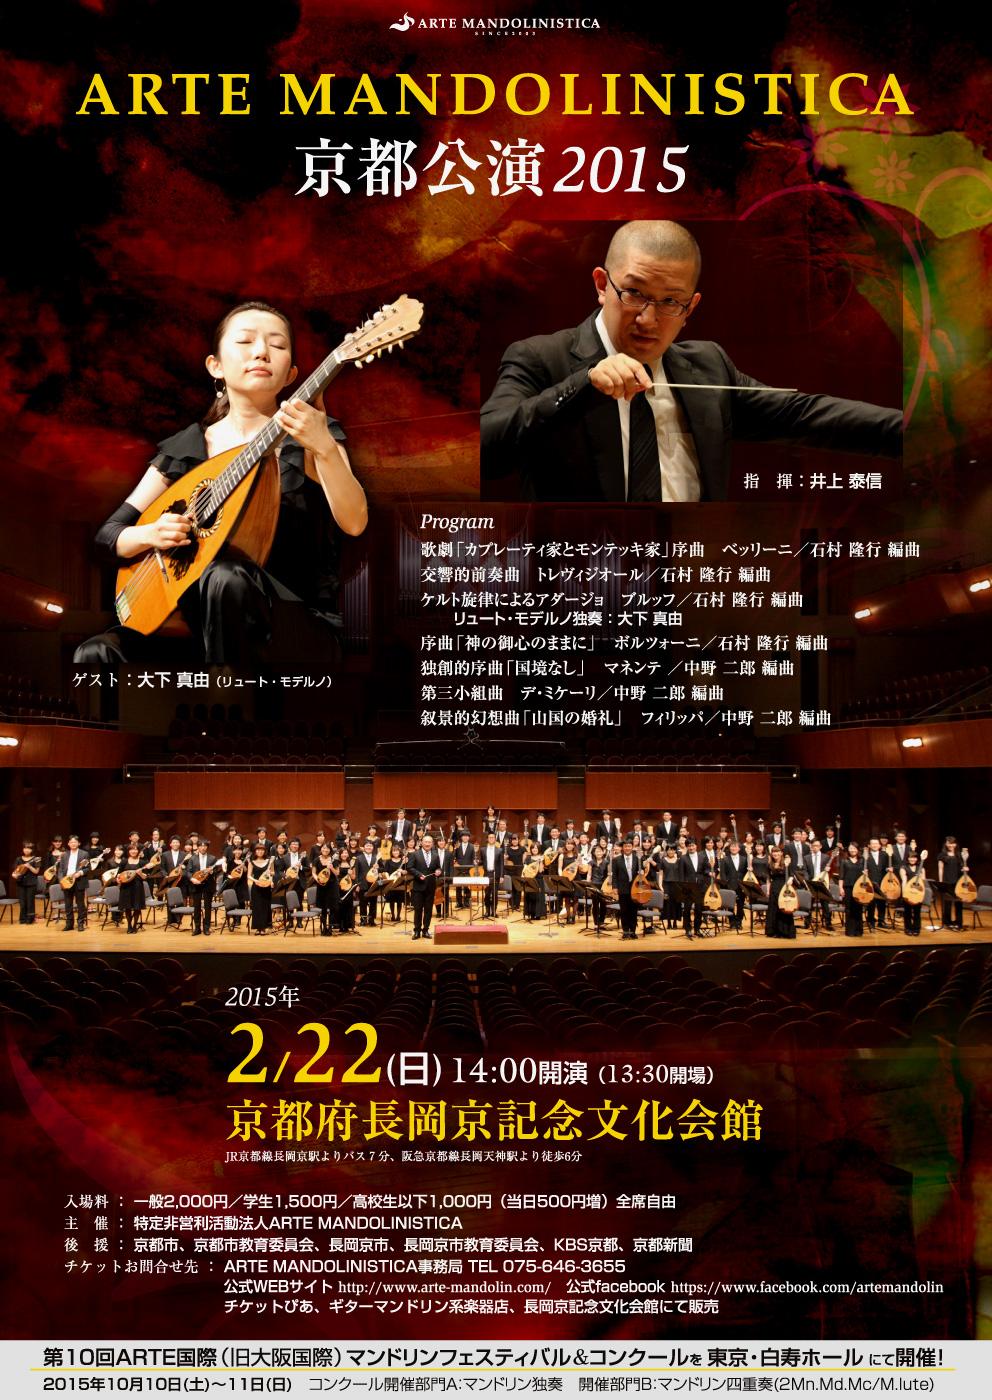 京都公演2015 | ARTE MANDOLINISTICA 公式ウェブサイト